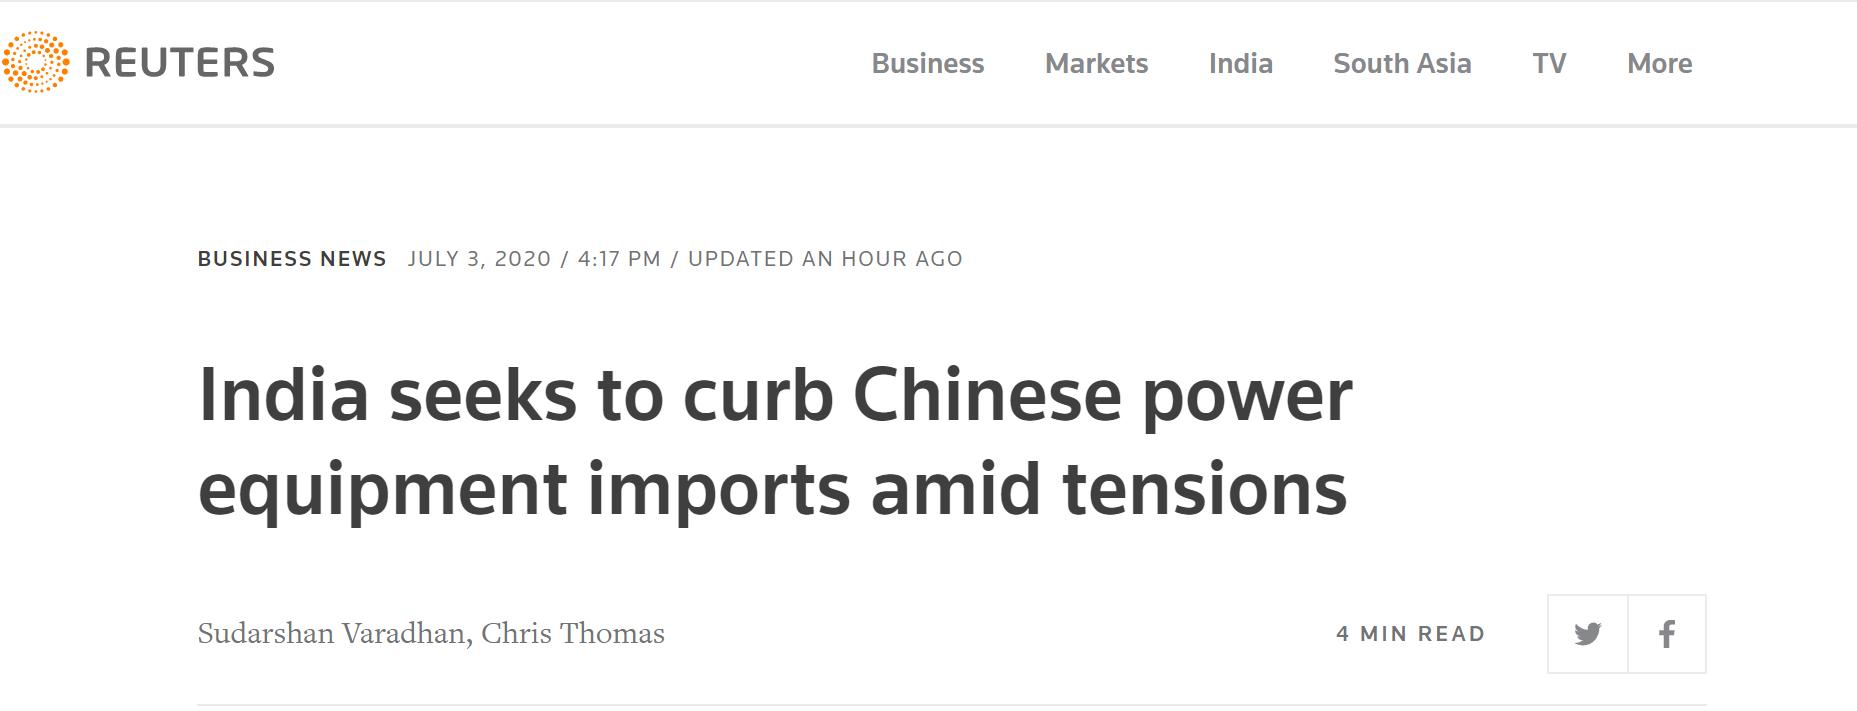 """allbet:印政府再出损招:限制中国电力设备入口,部长竟称可能有""""特洛伊木马""""能远程瘫痪电网 第1张"""